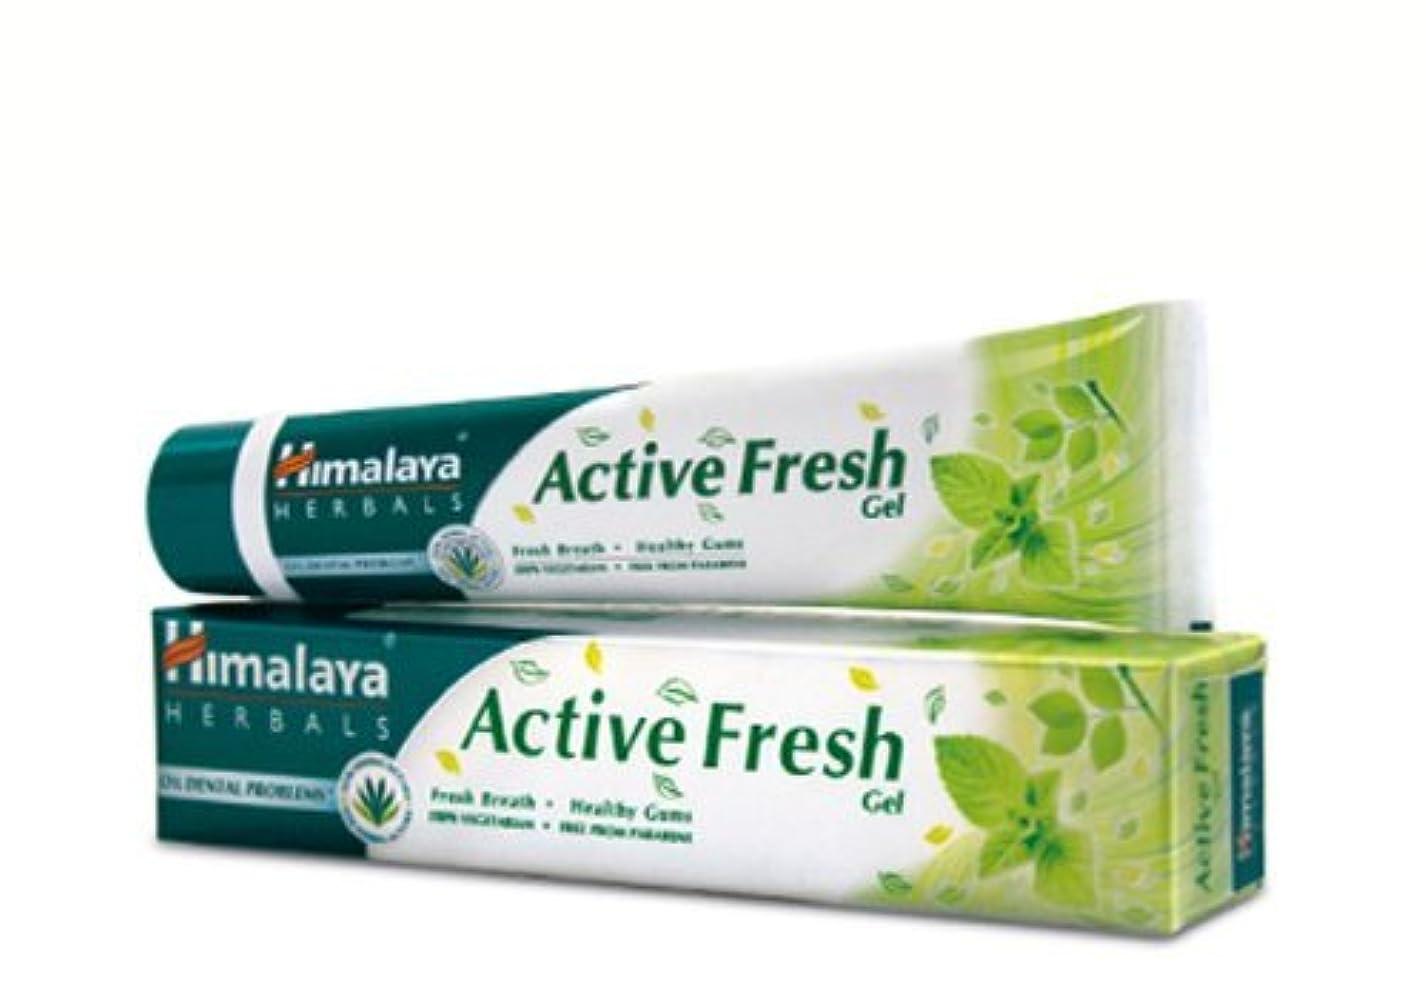 プット港インタビューヒマラヤ トゥースペイスト アクティブ フレッシュ(歯磨き粉)80g Himalaya Active Fresh Toothpaste